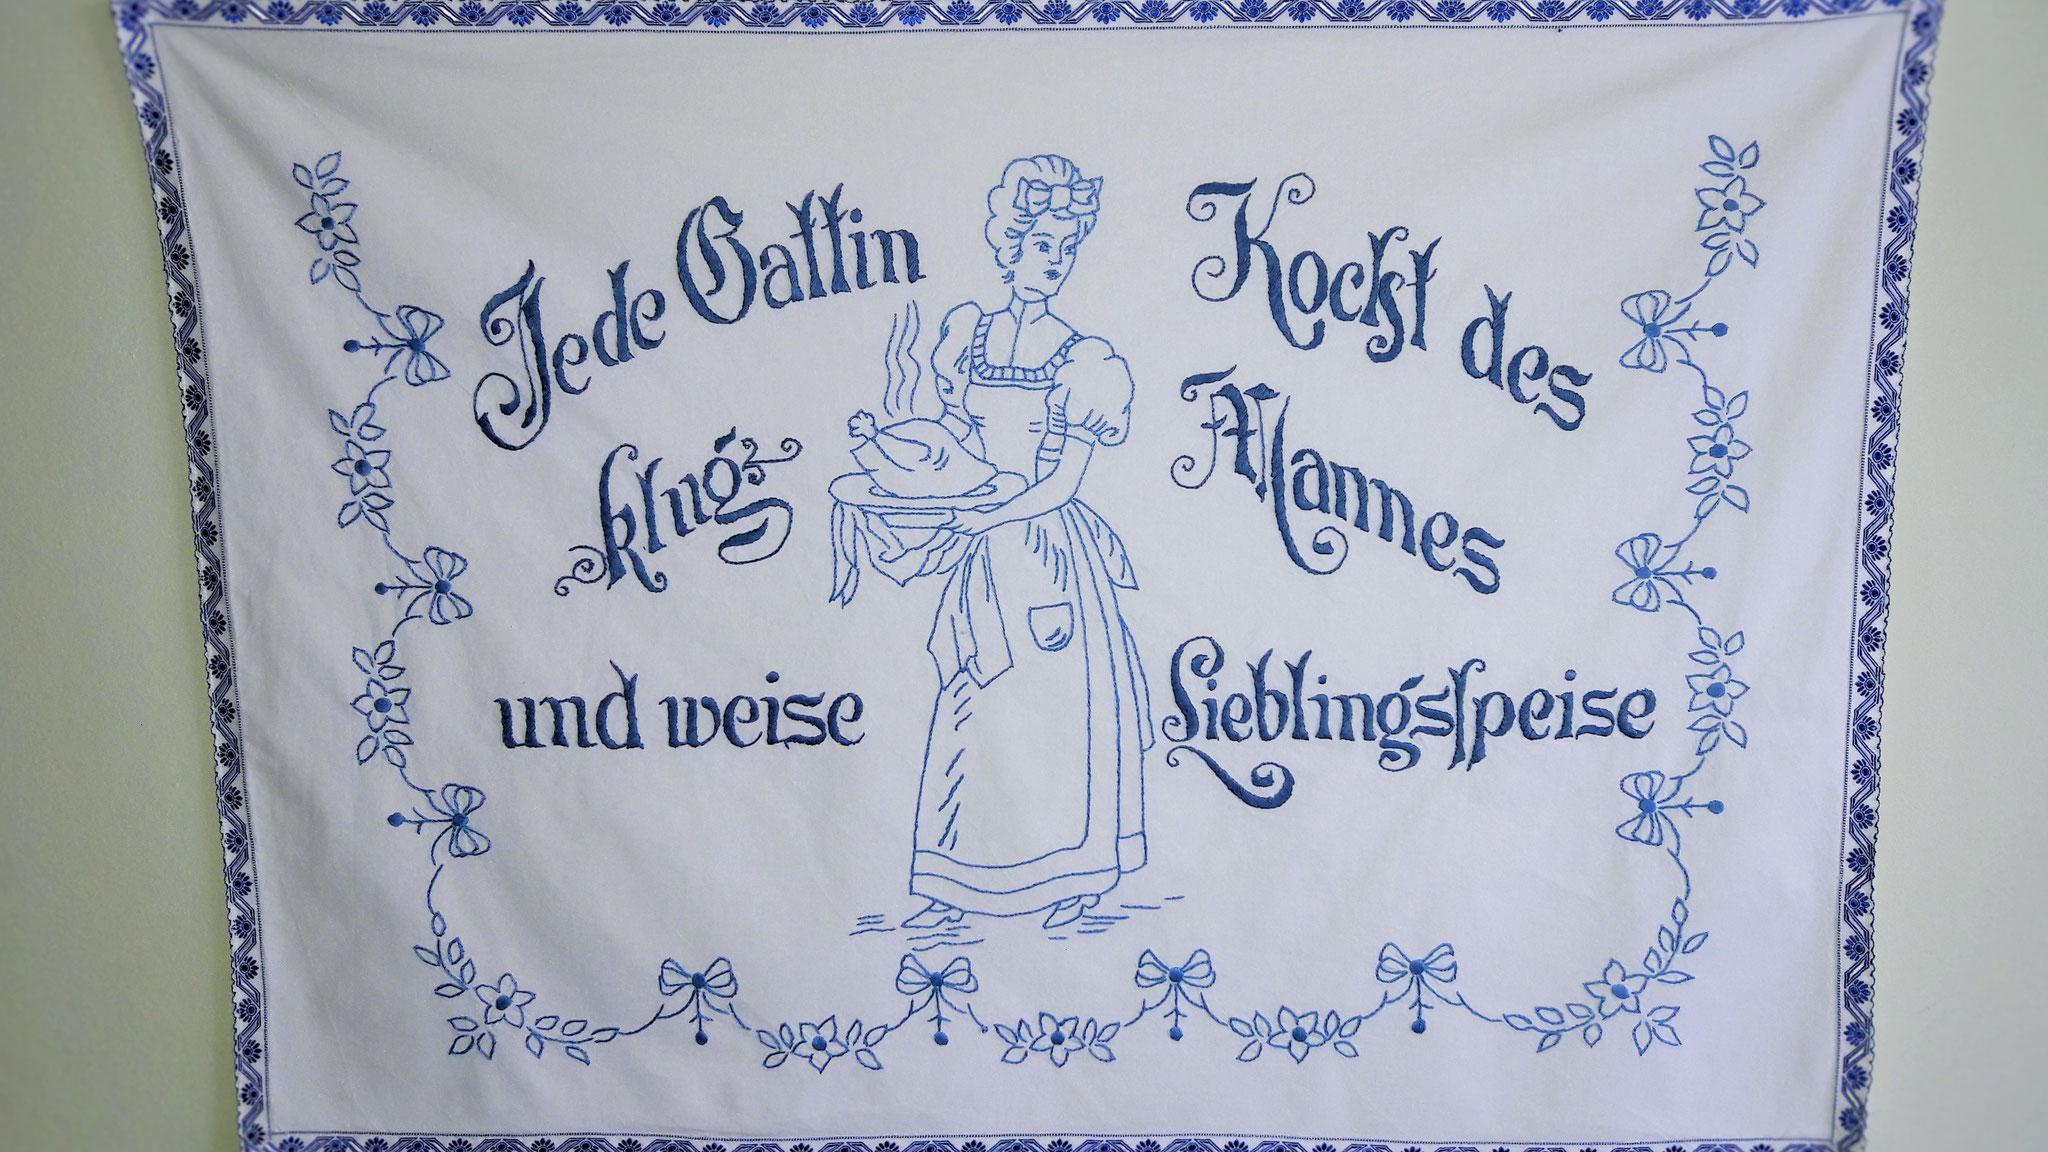 Wandbehang in der Wohnküche (c) Maria Felhofer